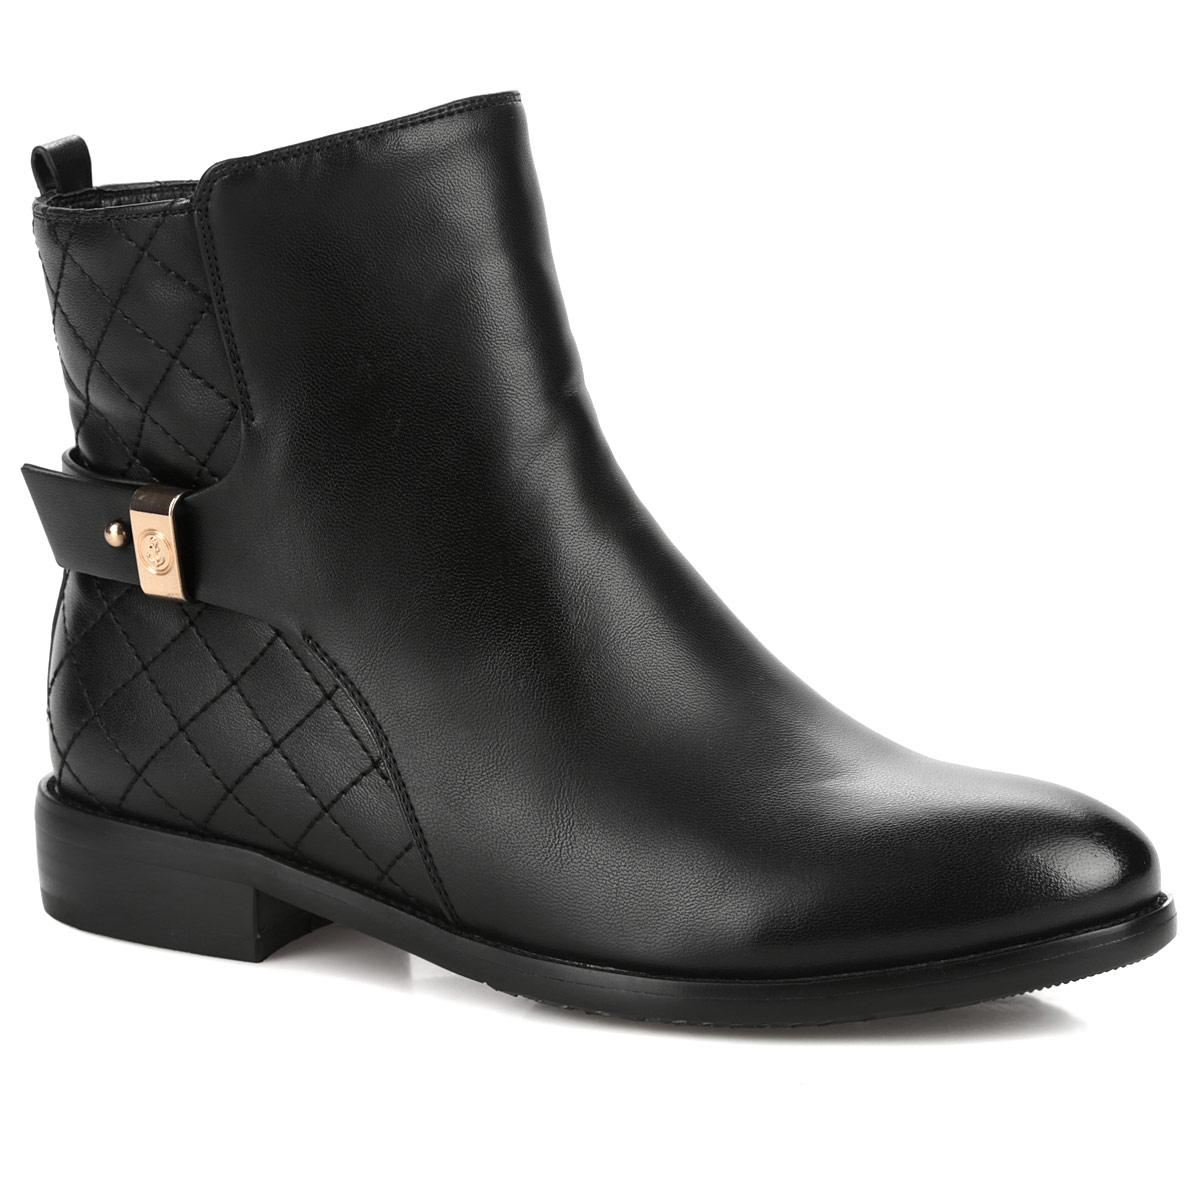 Ботинки женские. 60107-01-1B60107-01-1BМодные ботинки от Inario займут достойное место в вашем гардеробе. Модель выполнена из искусственной кожи и оформлена задним наружным ремнем, сбоку - стеганым узором в виде ромбов и декоративным ремешком. Ярлычок на заднике облегчает надевание обуви. Ботинки застегиваются на боковую застежку-молнию. Мягкая подкладка и стелька из байки сохраняют тепло, обеспечивая максимальный комфорт при движении. Невысокий каблук устойчив. Рифленая поверхность каблука и подошвы защищает изделие от скольжения. В таких ботинках вашим ногам будет комфортно и уютно!